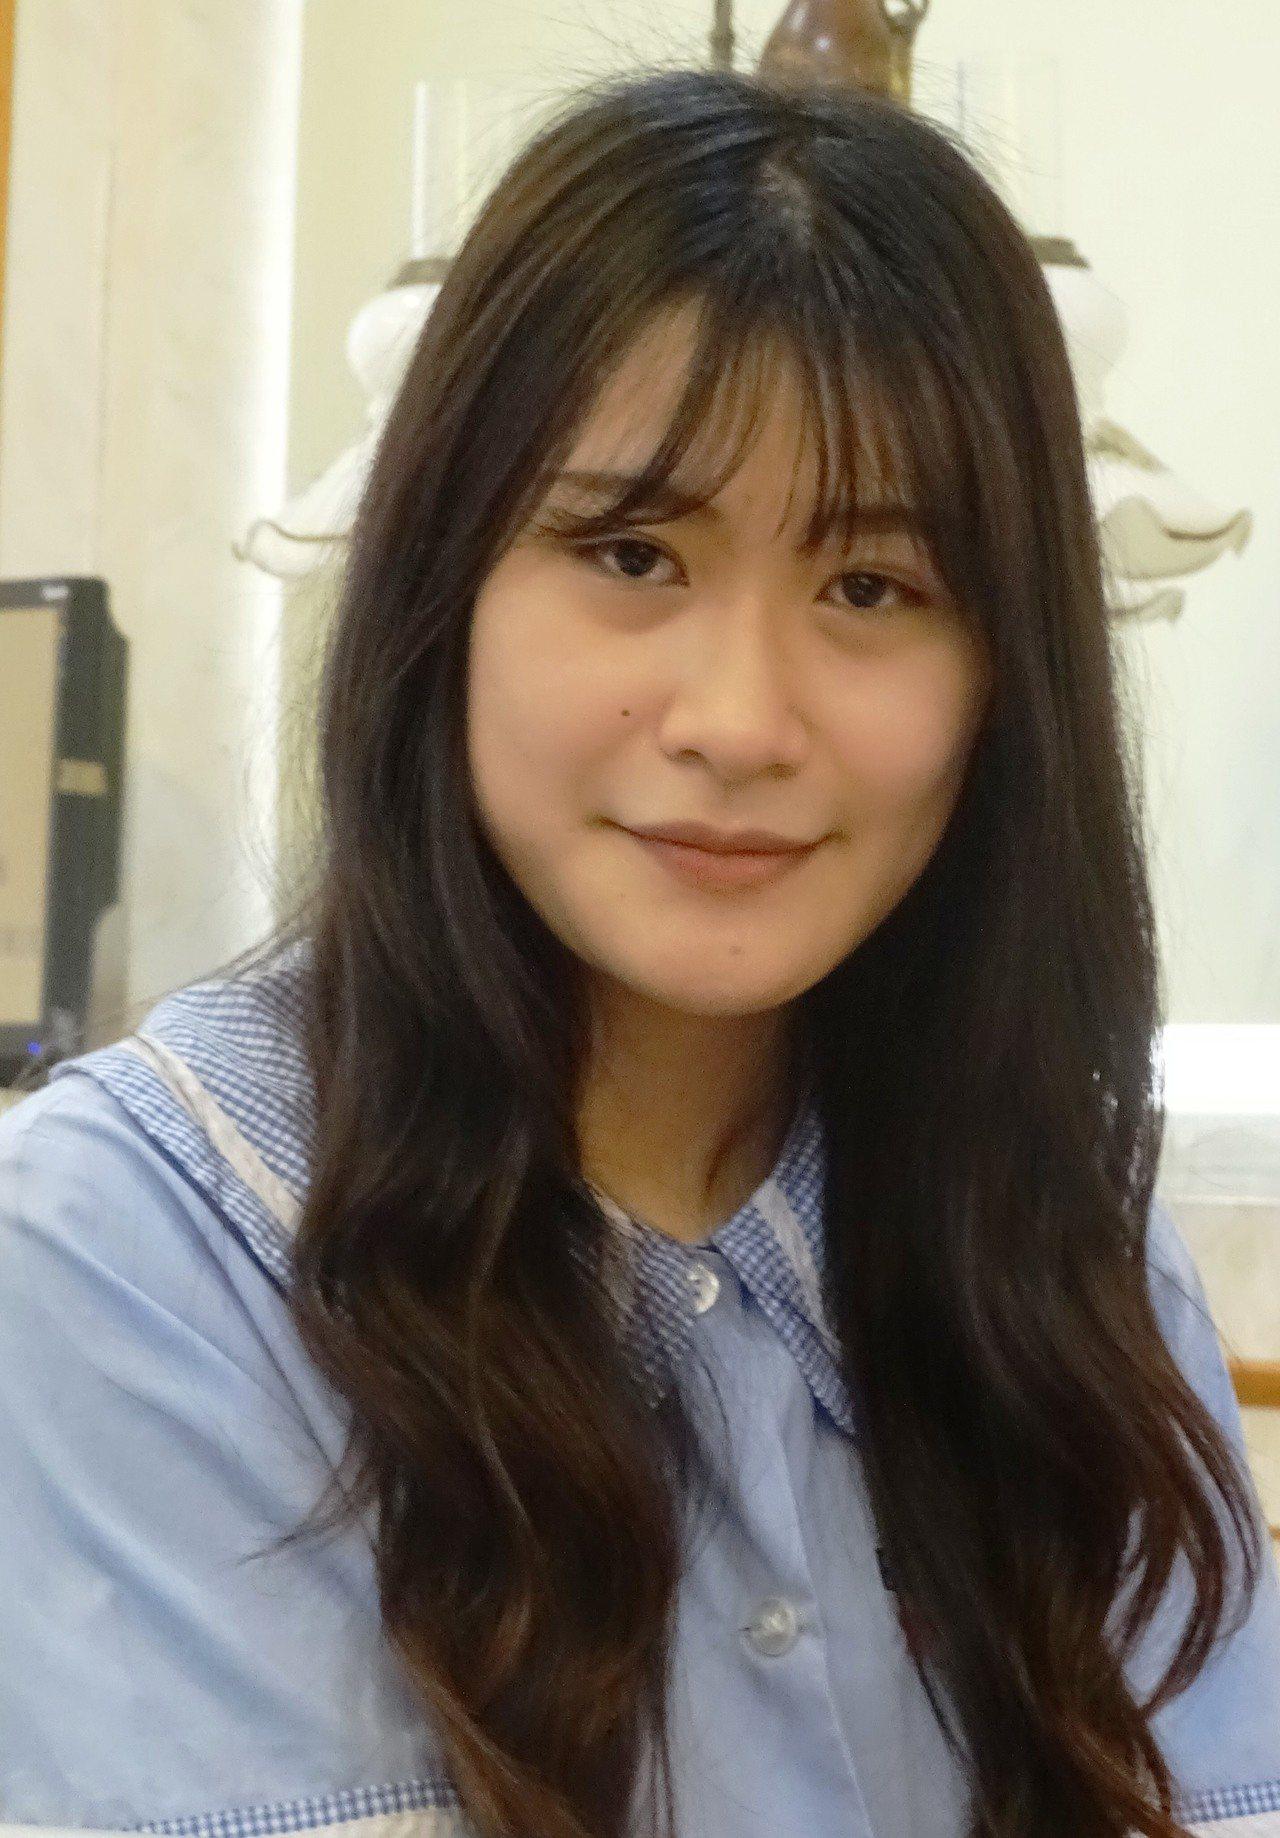 國立員林家商國貿科三年級女生賴彥臻參加四技二專入學統一測驗,得到677分,是彰化...